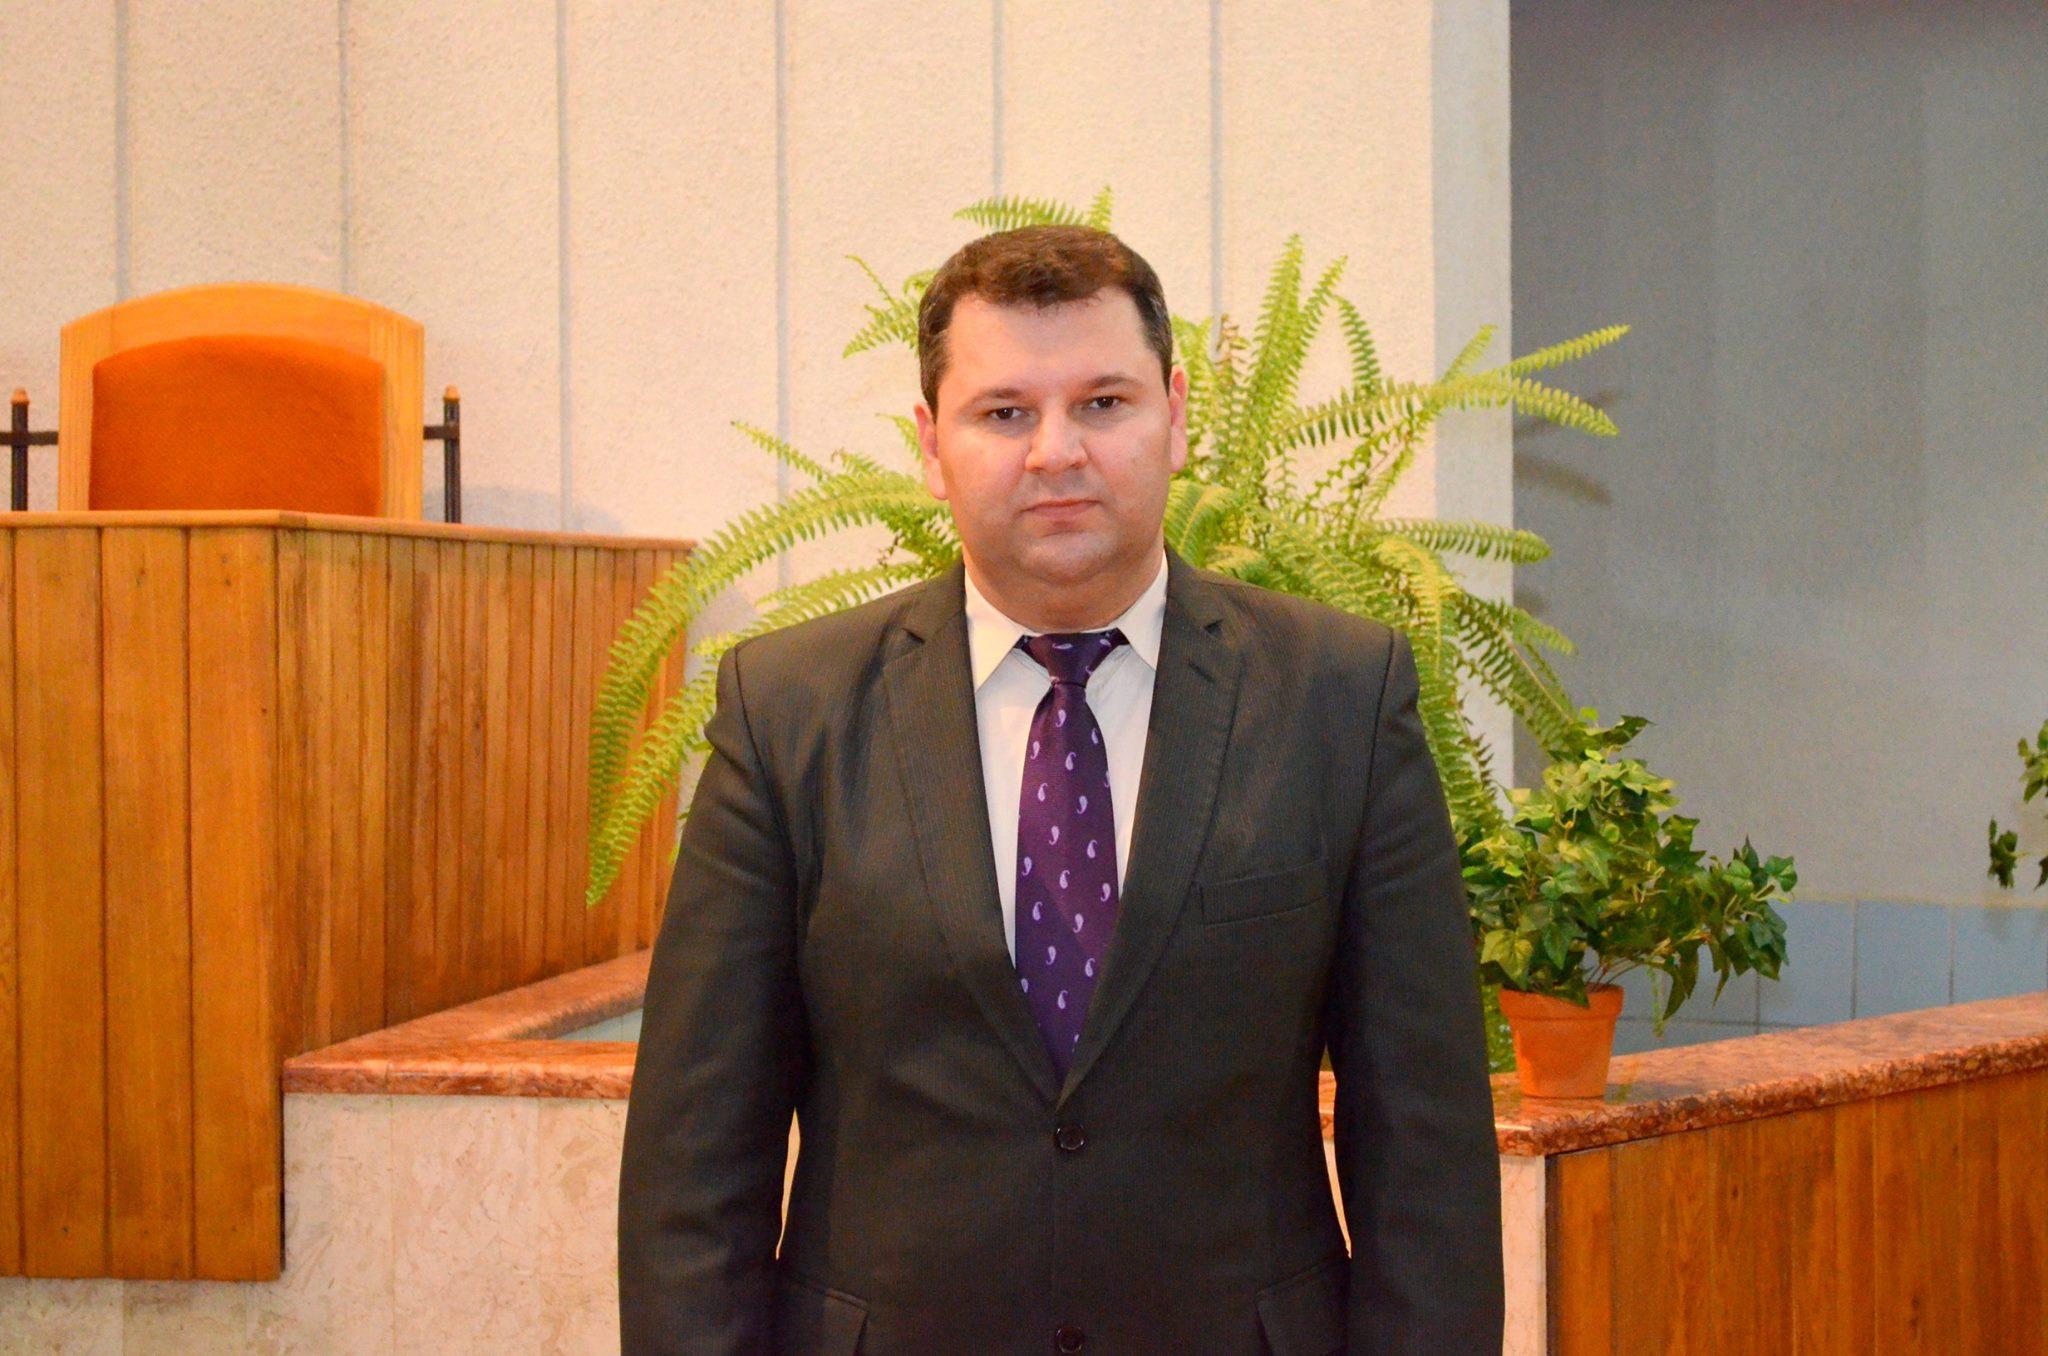 Pastor Ilie Bledea: De ce susțin familia Bodnariu și protestez împotriva Barnevernet?